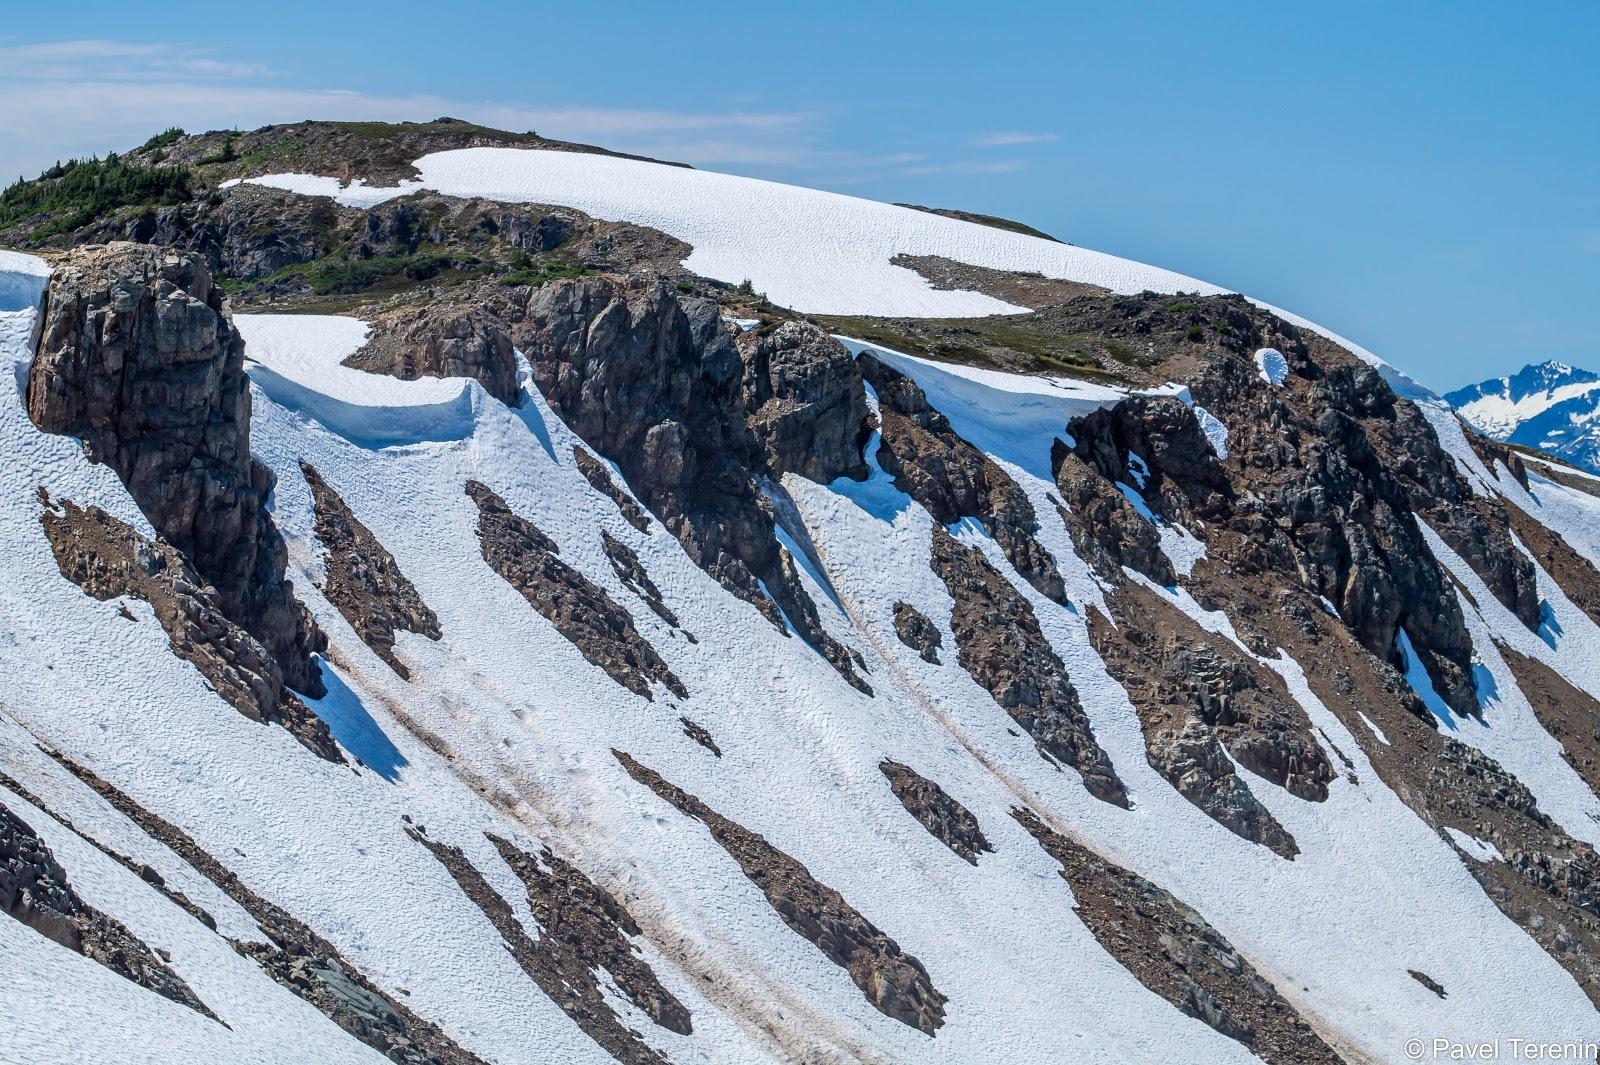 Бóльшая часть вершины была покрыта снегом.